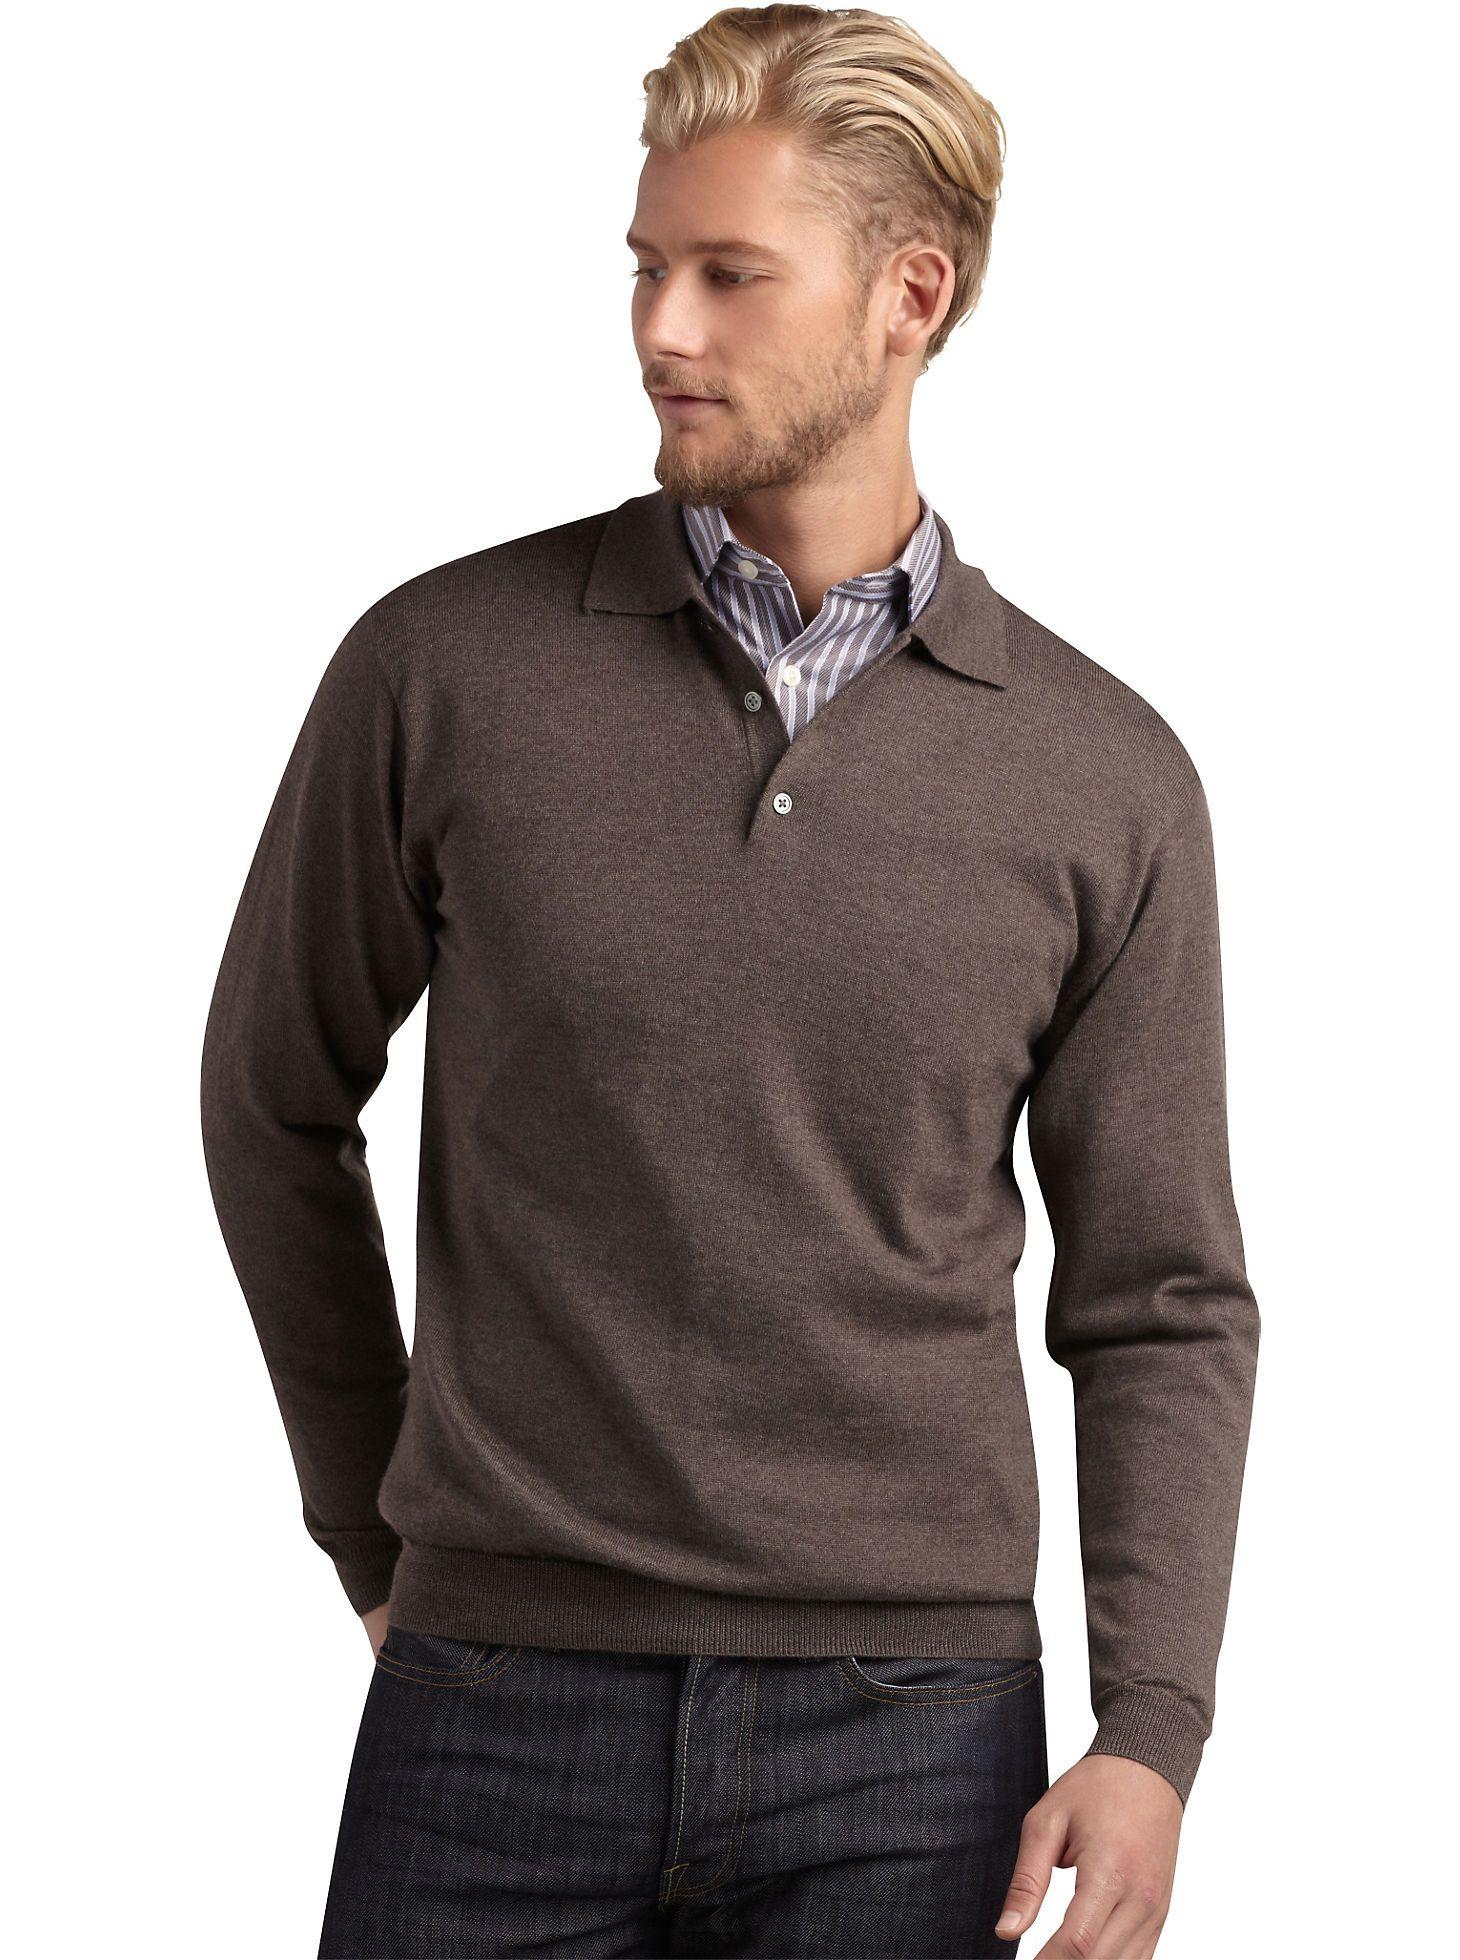 4c045635e0 Sweaters   Vests - Pronto Uomo Brown Merino Polo Sweater - Men s Wearhouse